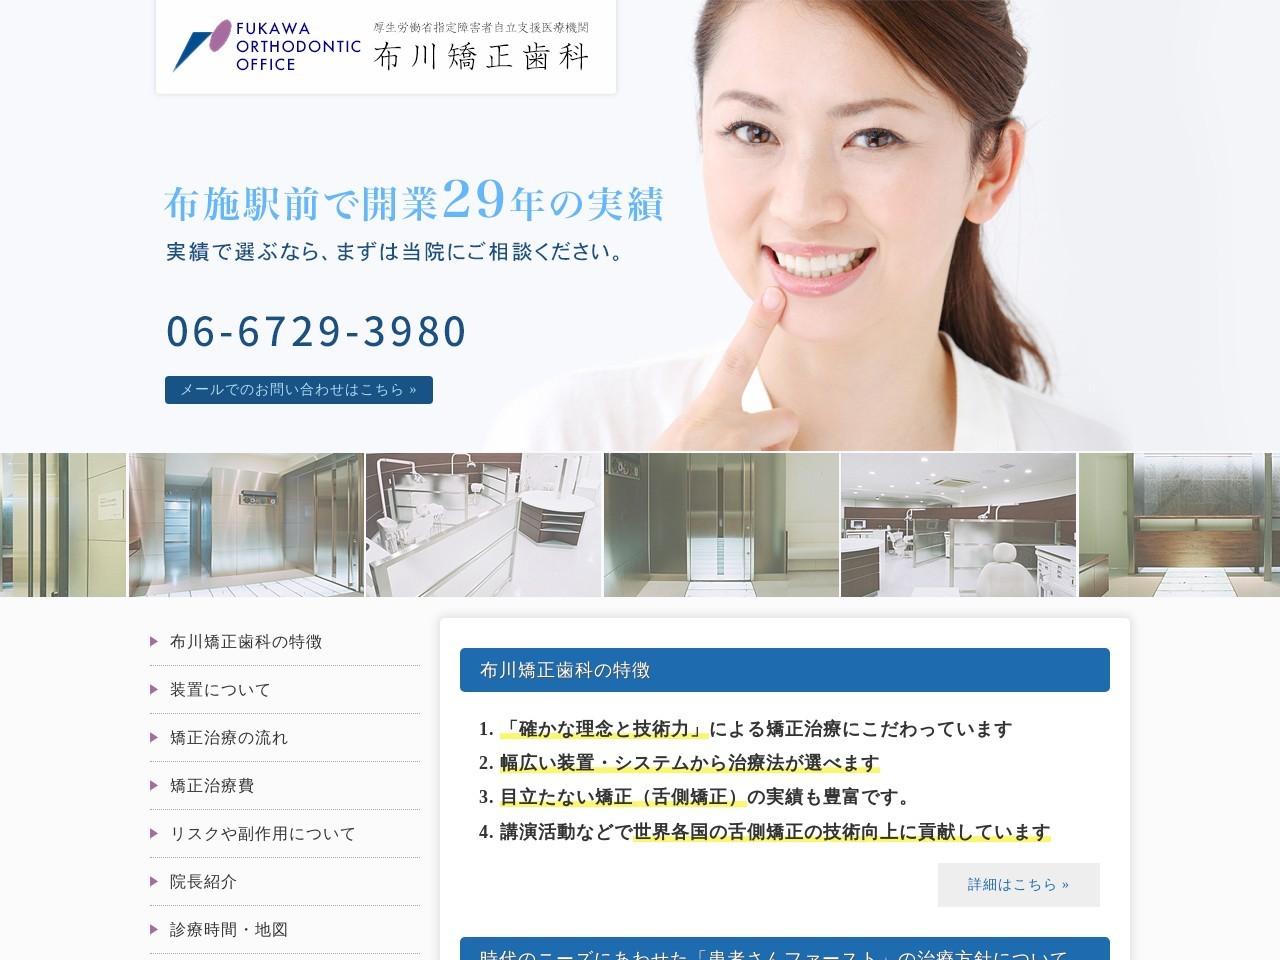 布川矯正歯科 (大阪府東大阪市)